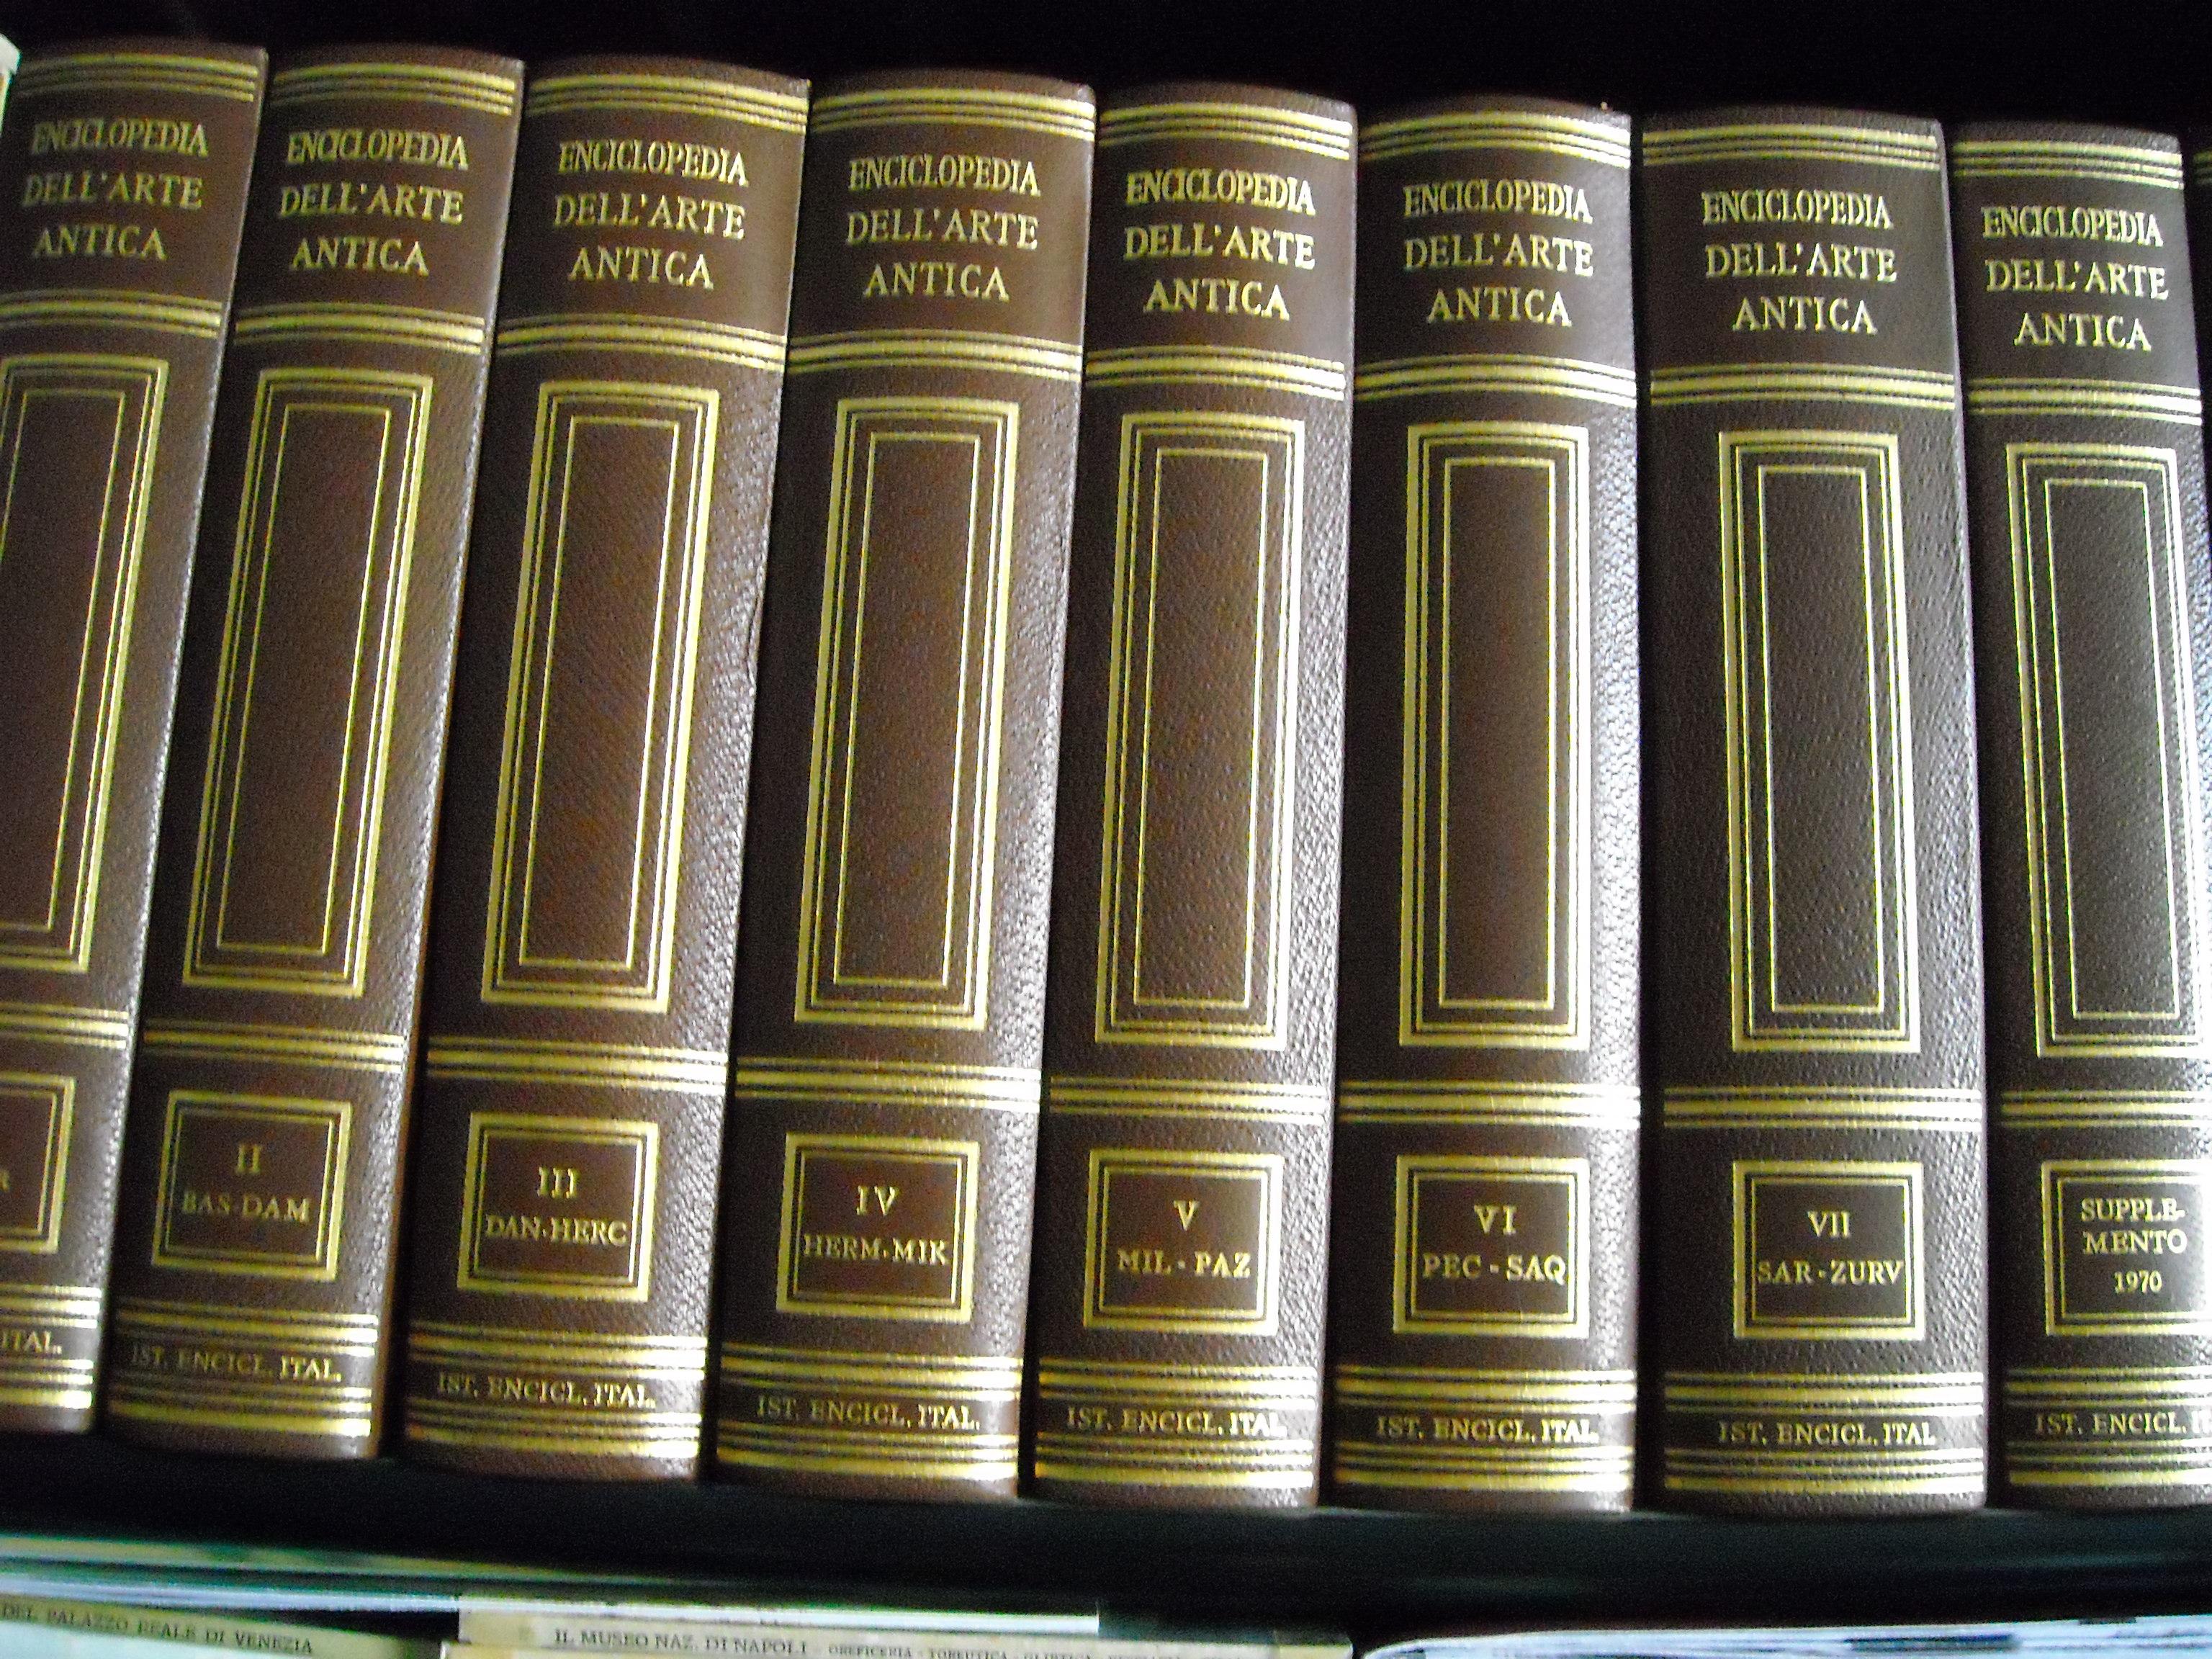 Enciclopedia dell'Arte Antica Vol. VII